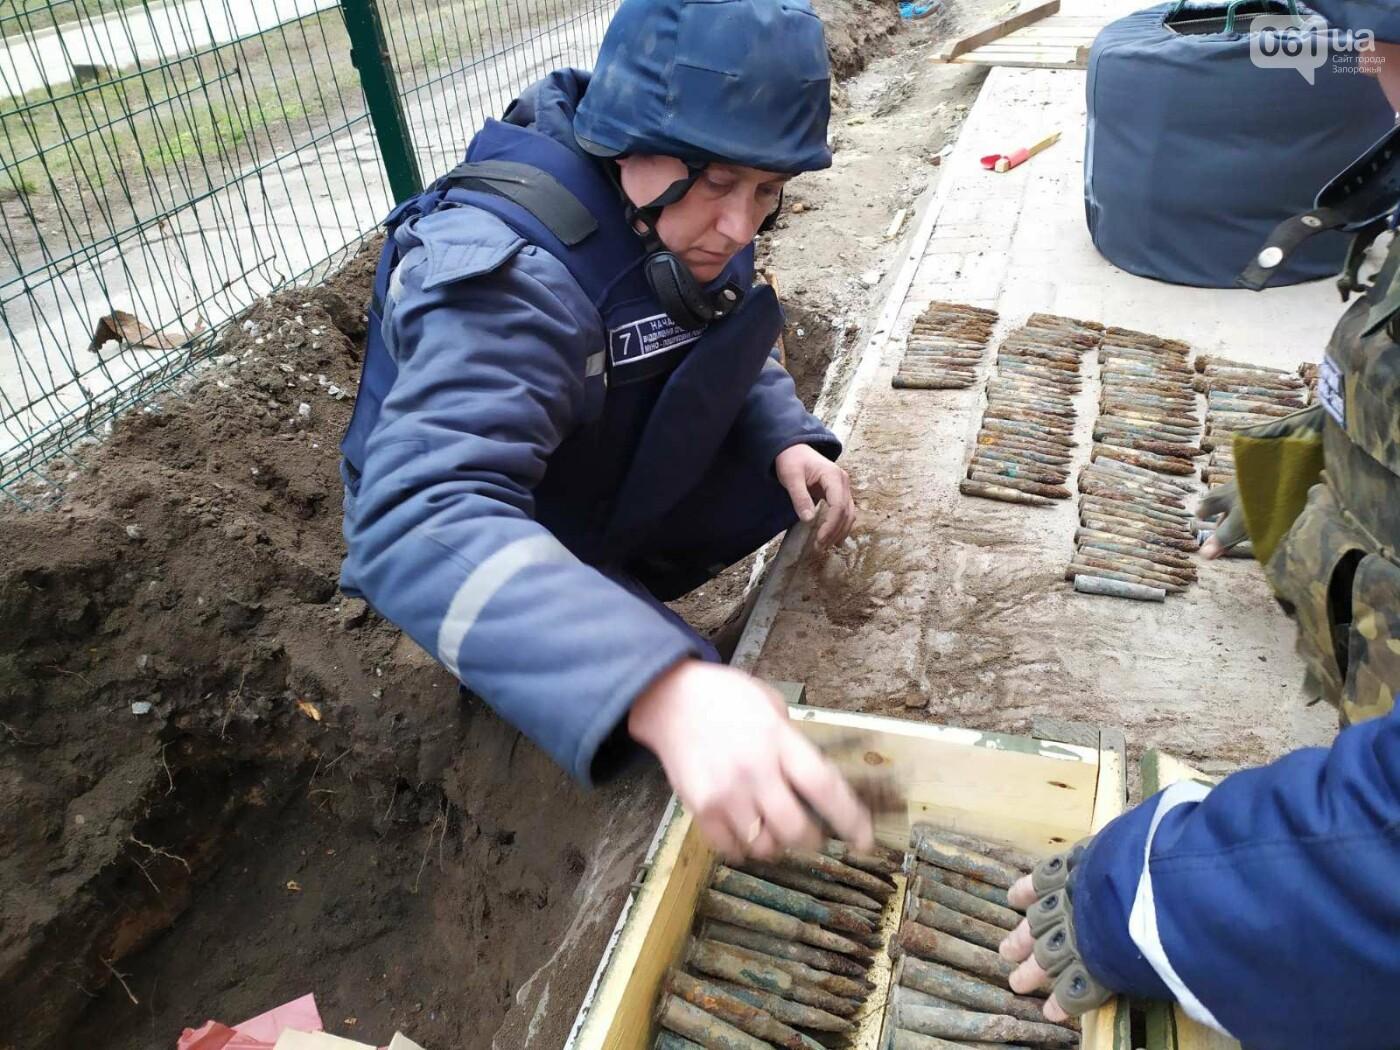 Нa территории ореховской школы нашли около сотни взрывоопасных предметов , фото-6